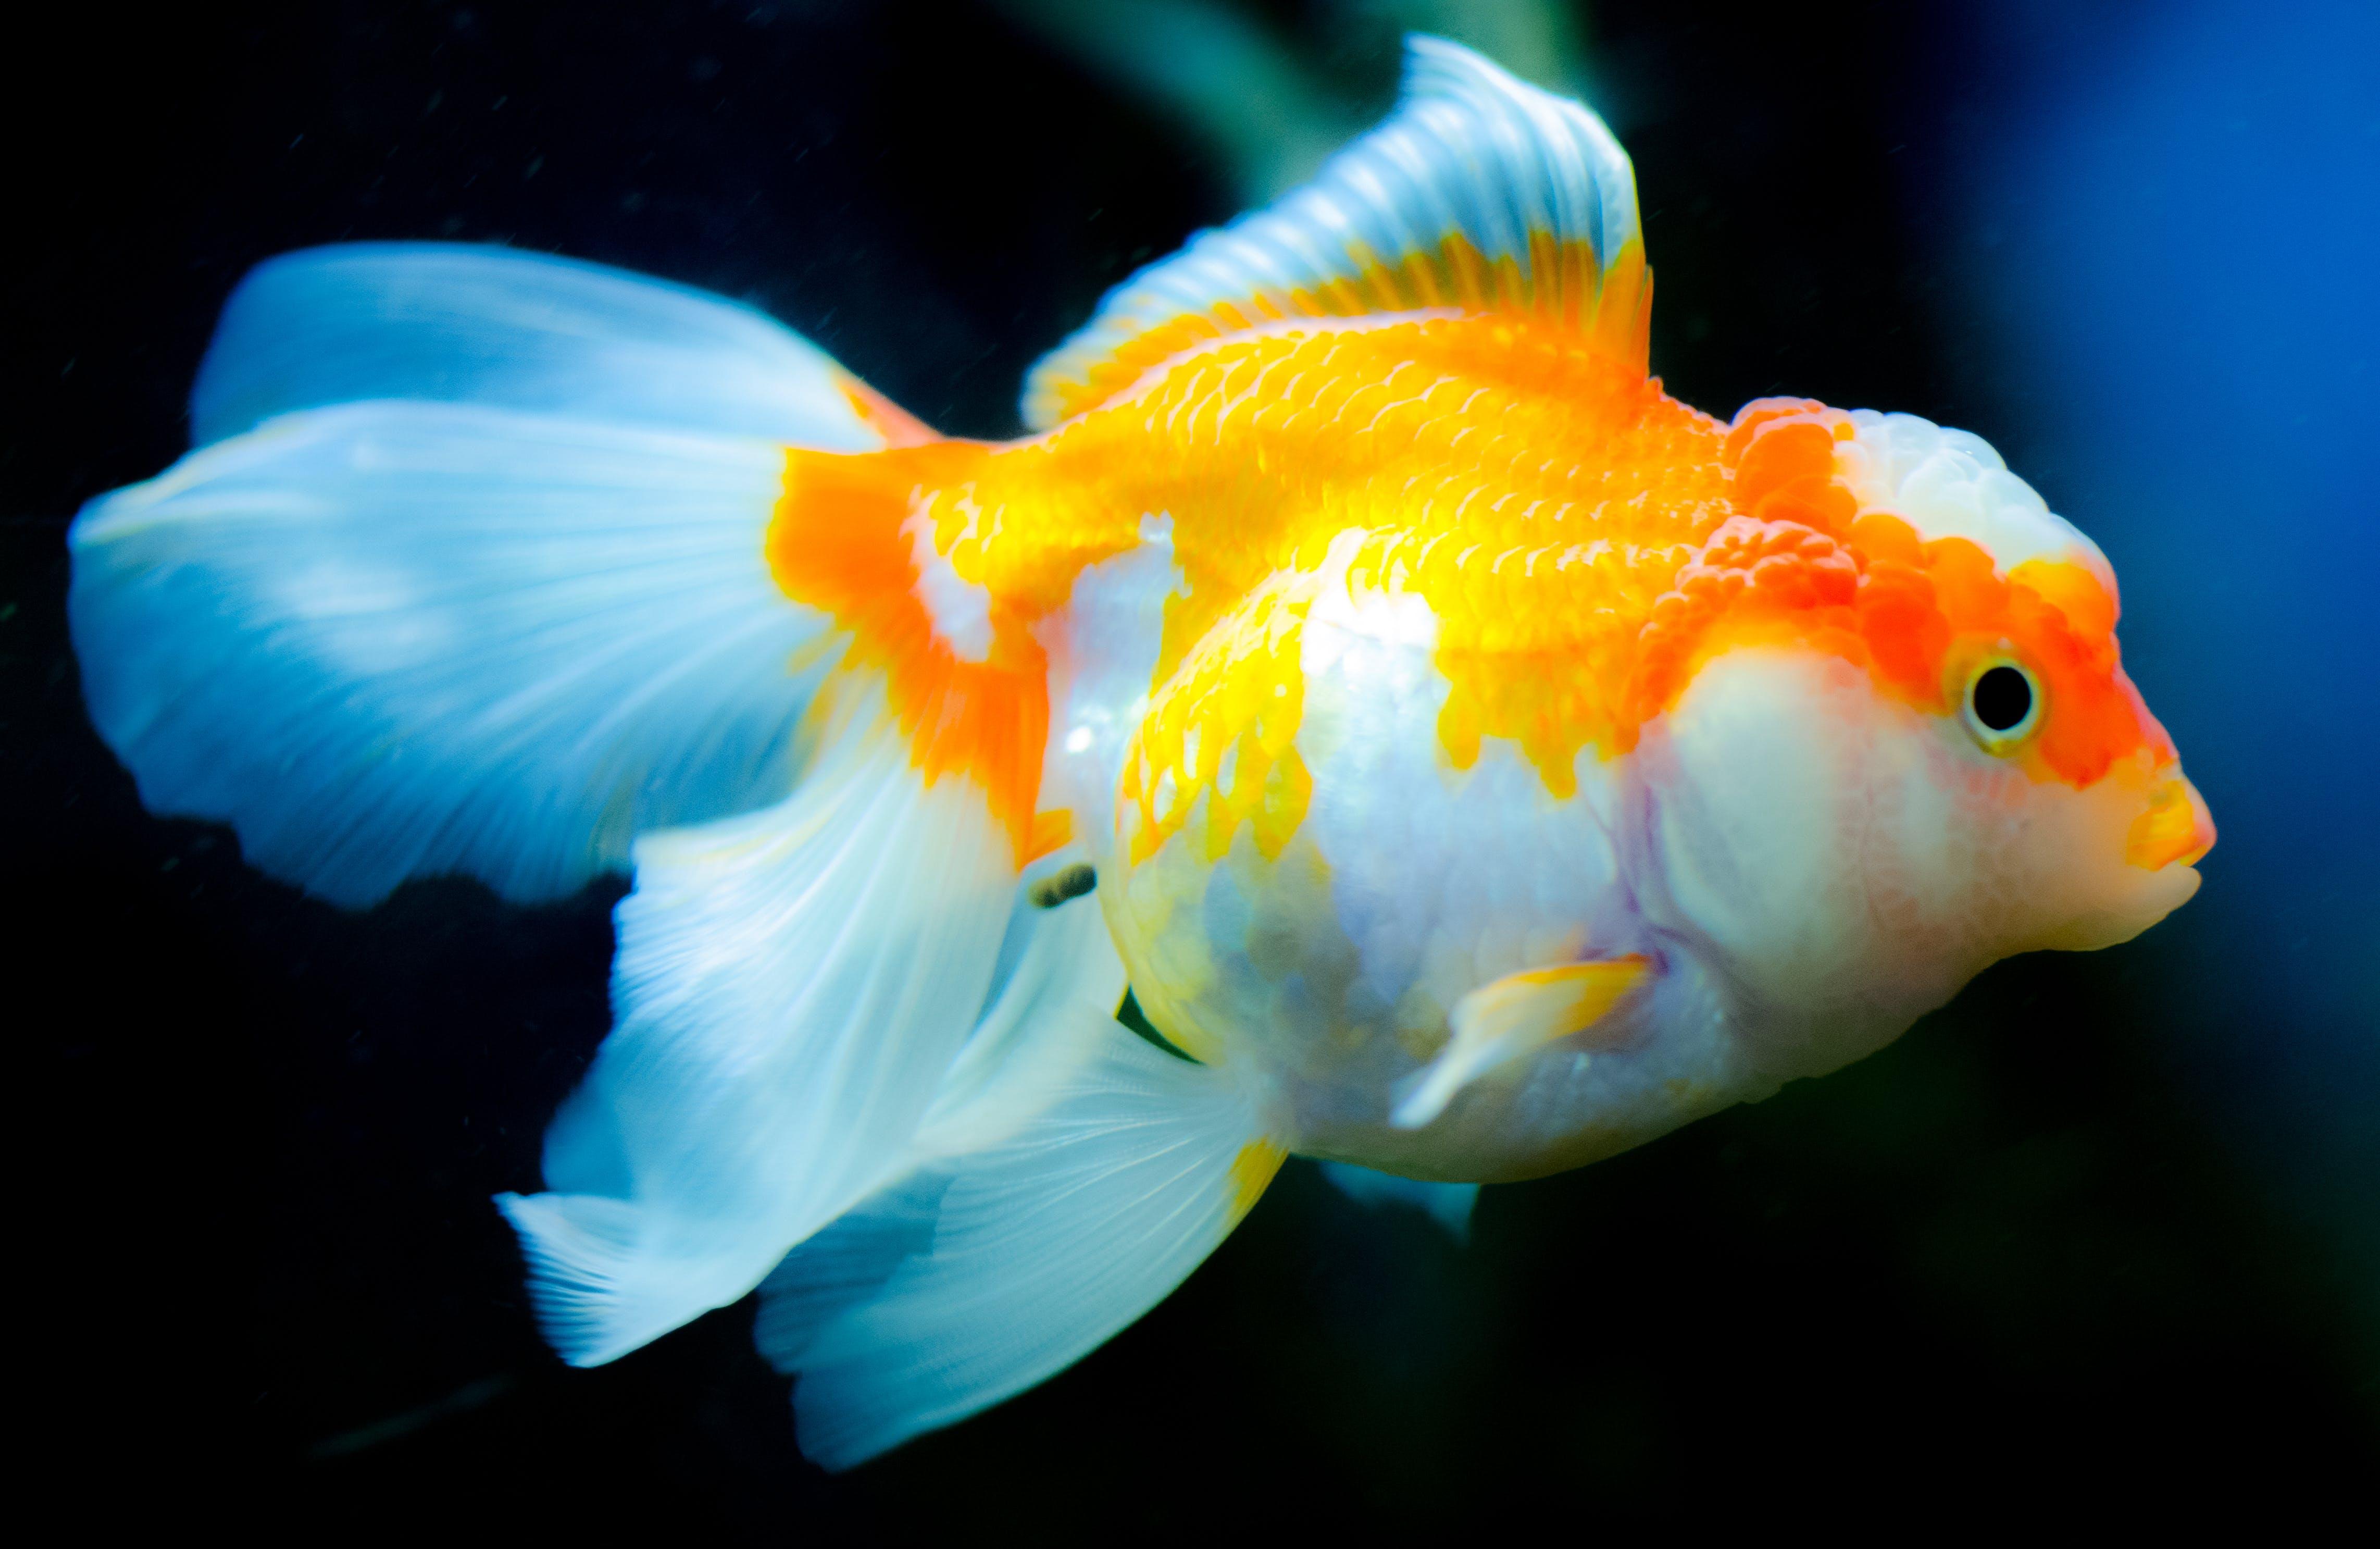 Orange and White Fish